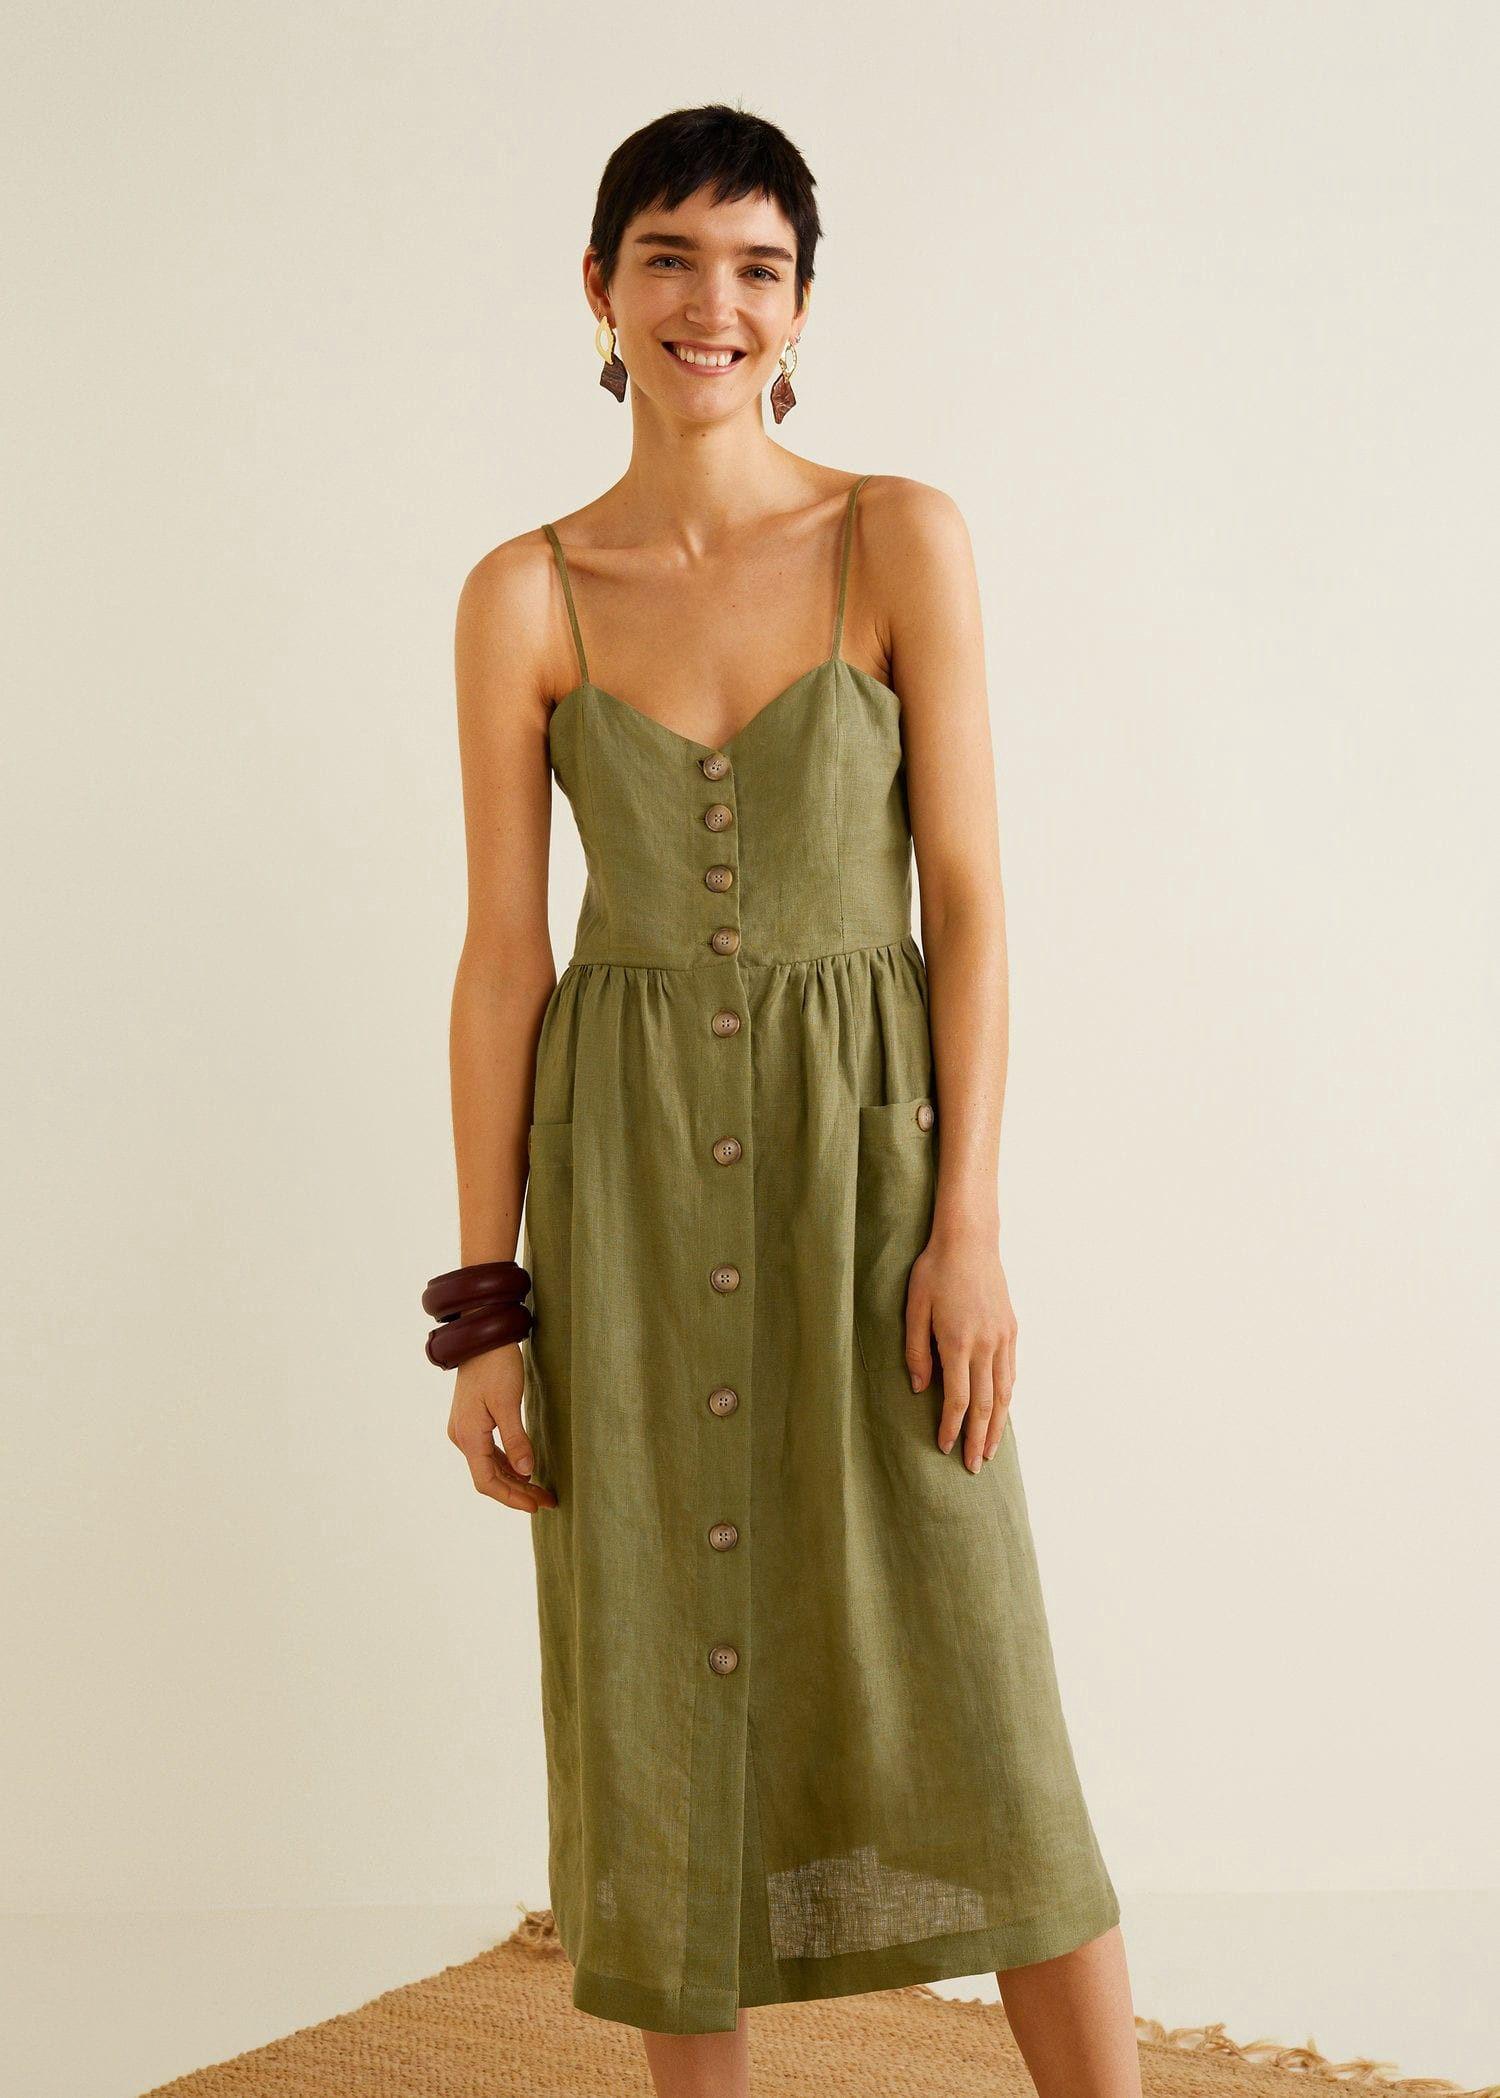 769128cdf6 Mango Pockets Linen-Blend Dress - Beige 8